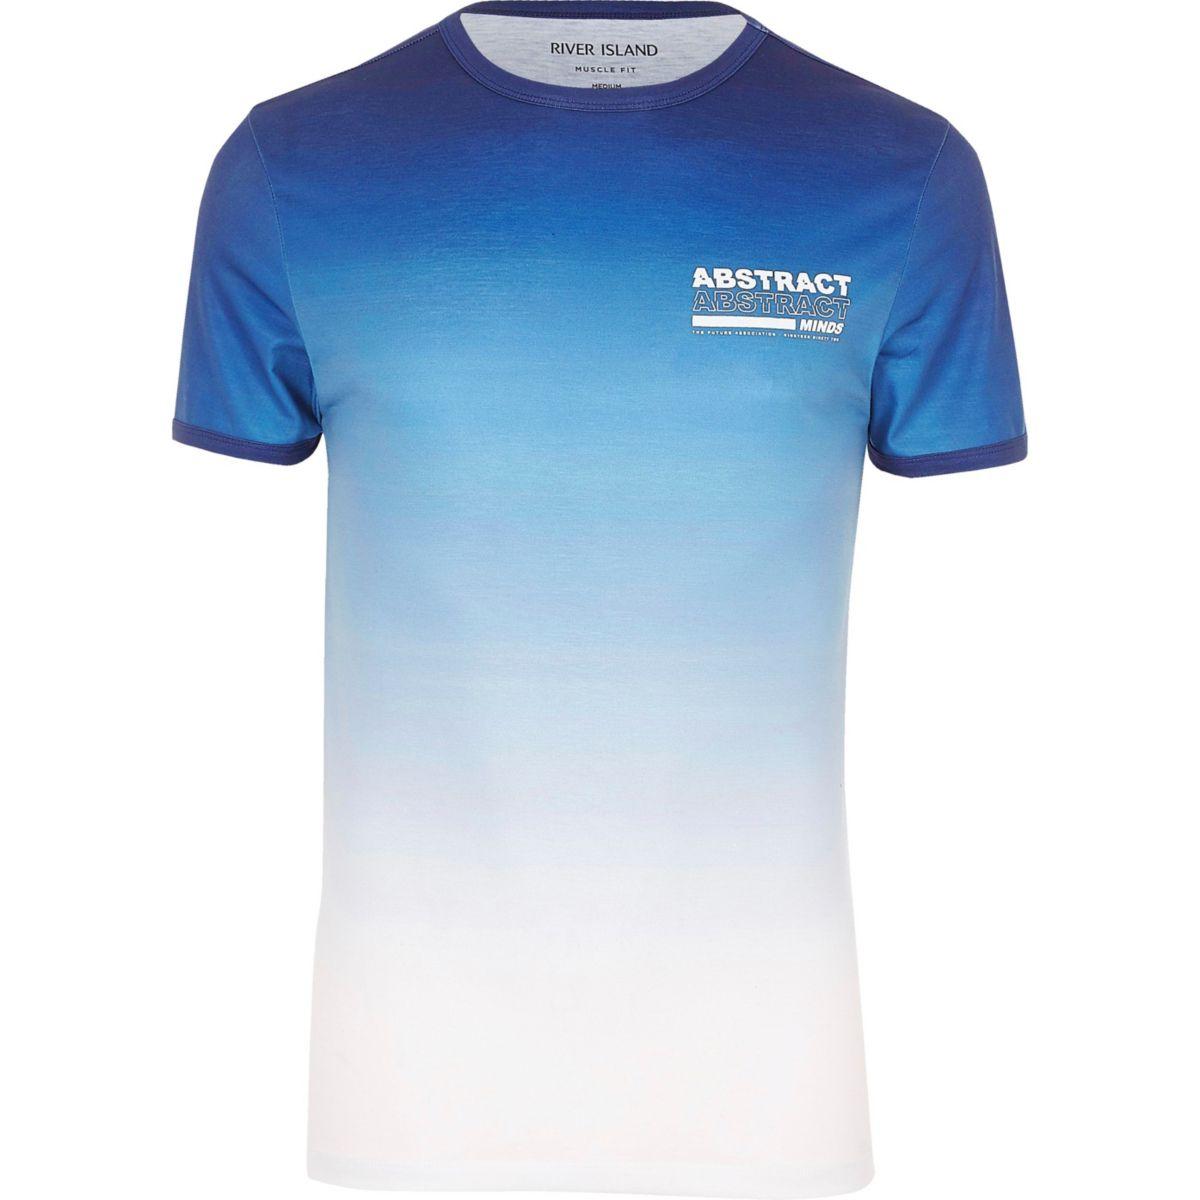 T-shirt ajusté imprimé «Abstract» délavé bleu